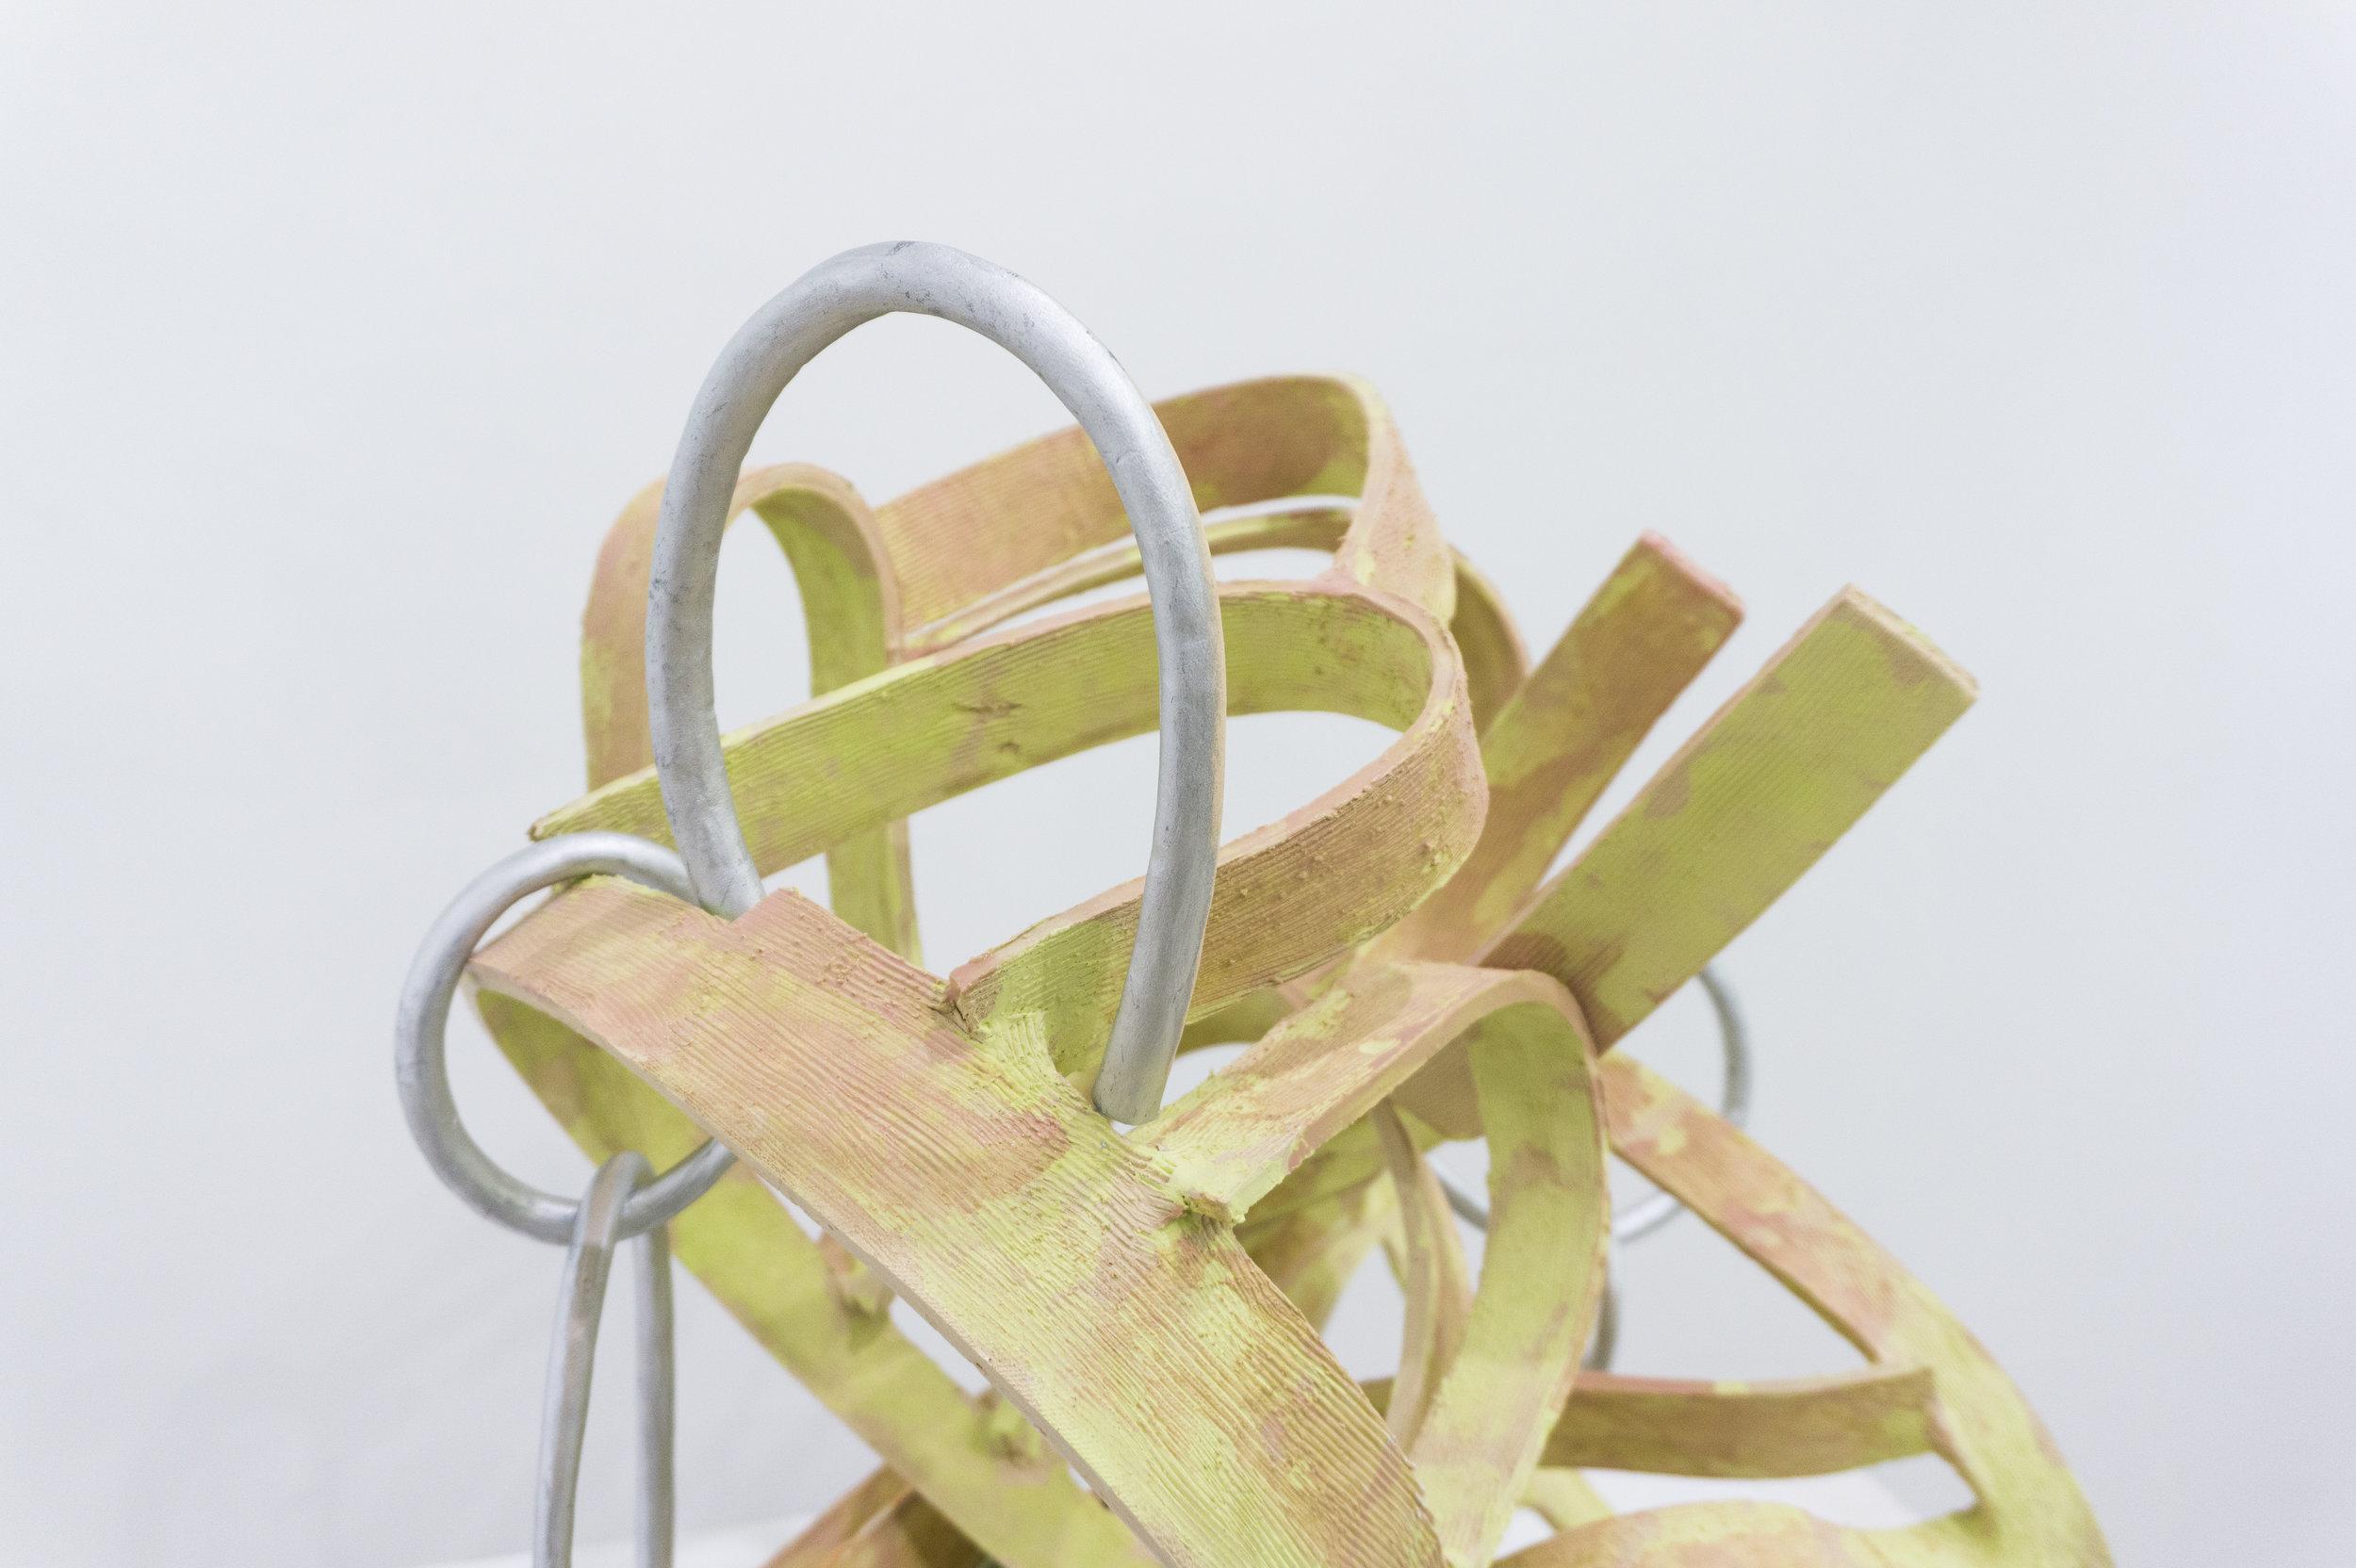 Sculpture_5_2.JPG